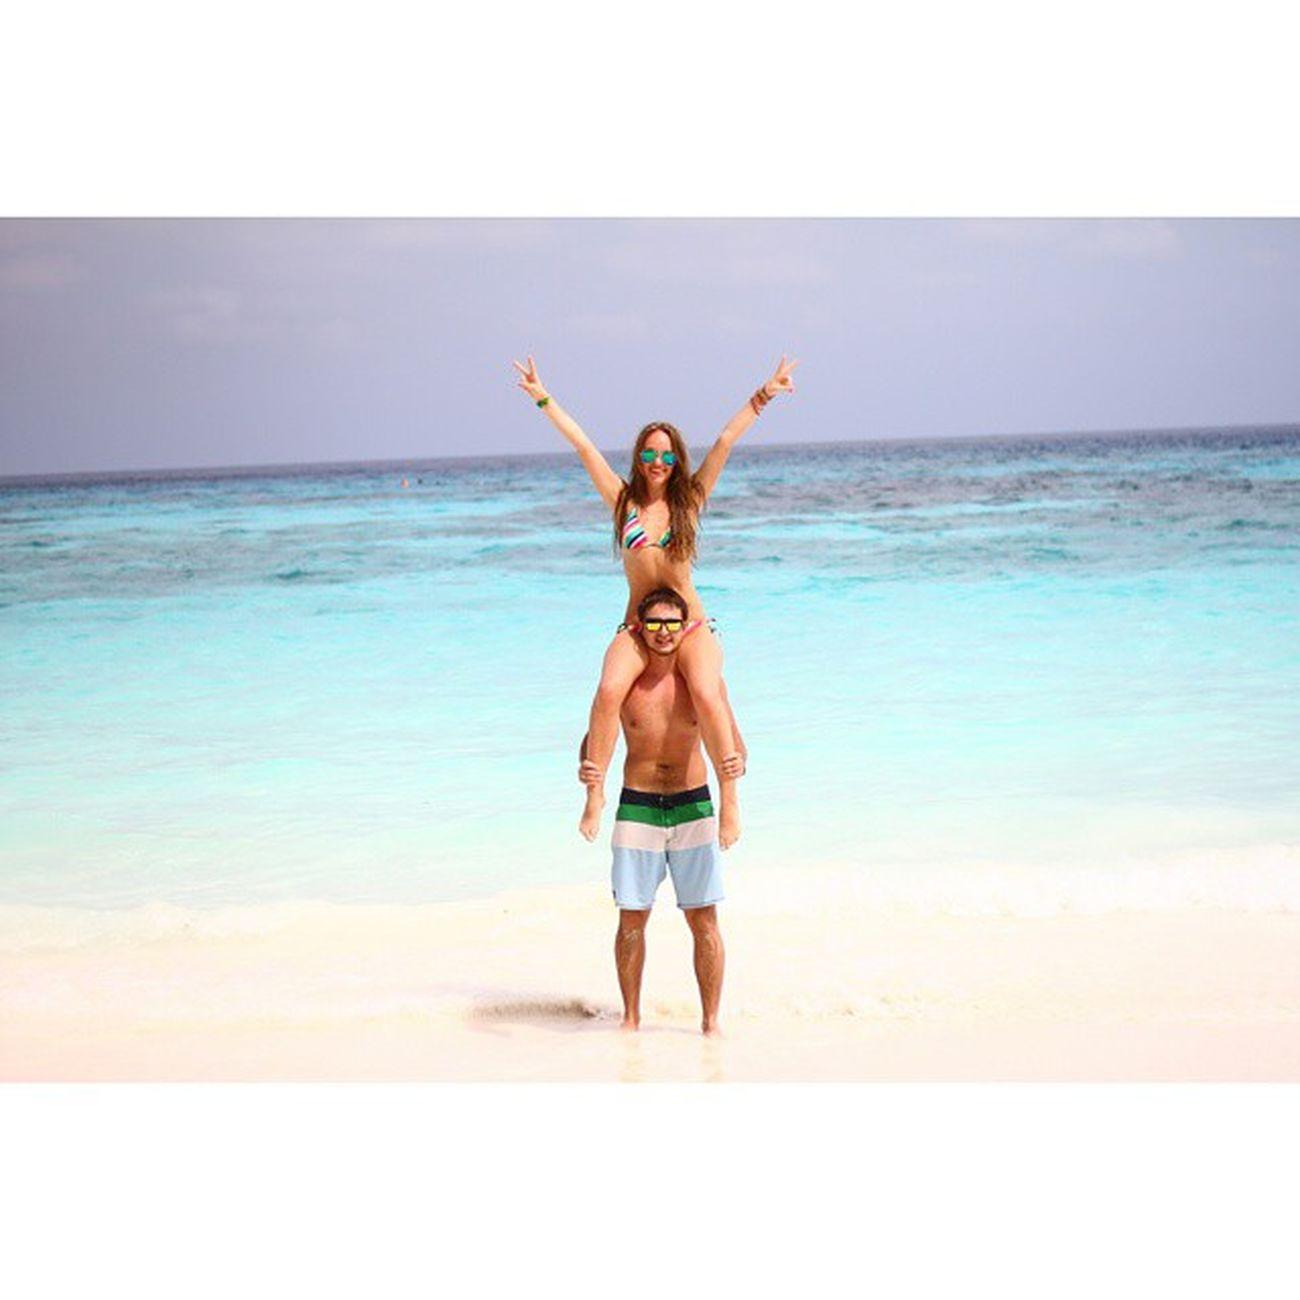 Разукрашу ленту голубым морем, белым песком и своим летним настроениеThailand Tachai Мужижена люблюмужа всемсчастьялето2015seabeach